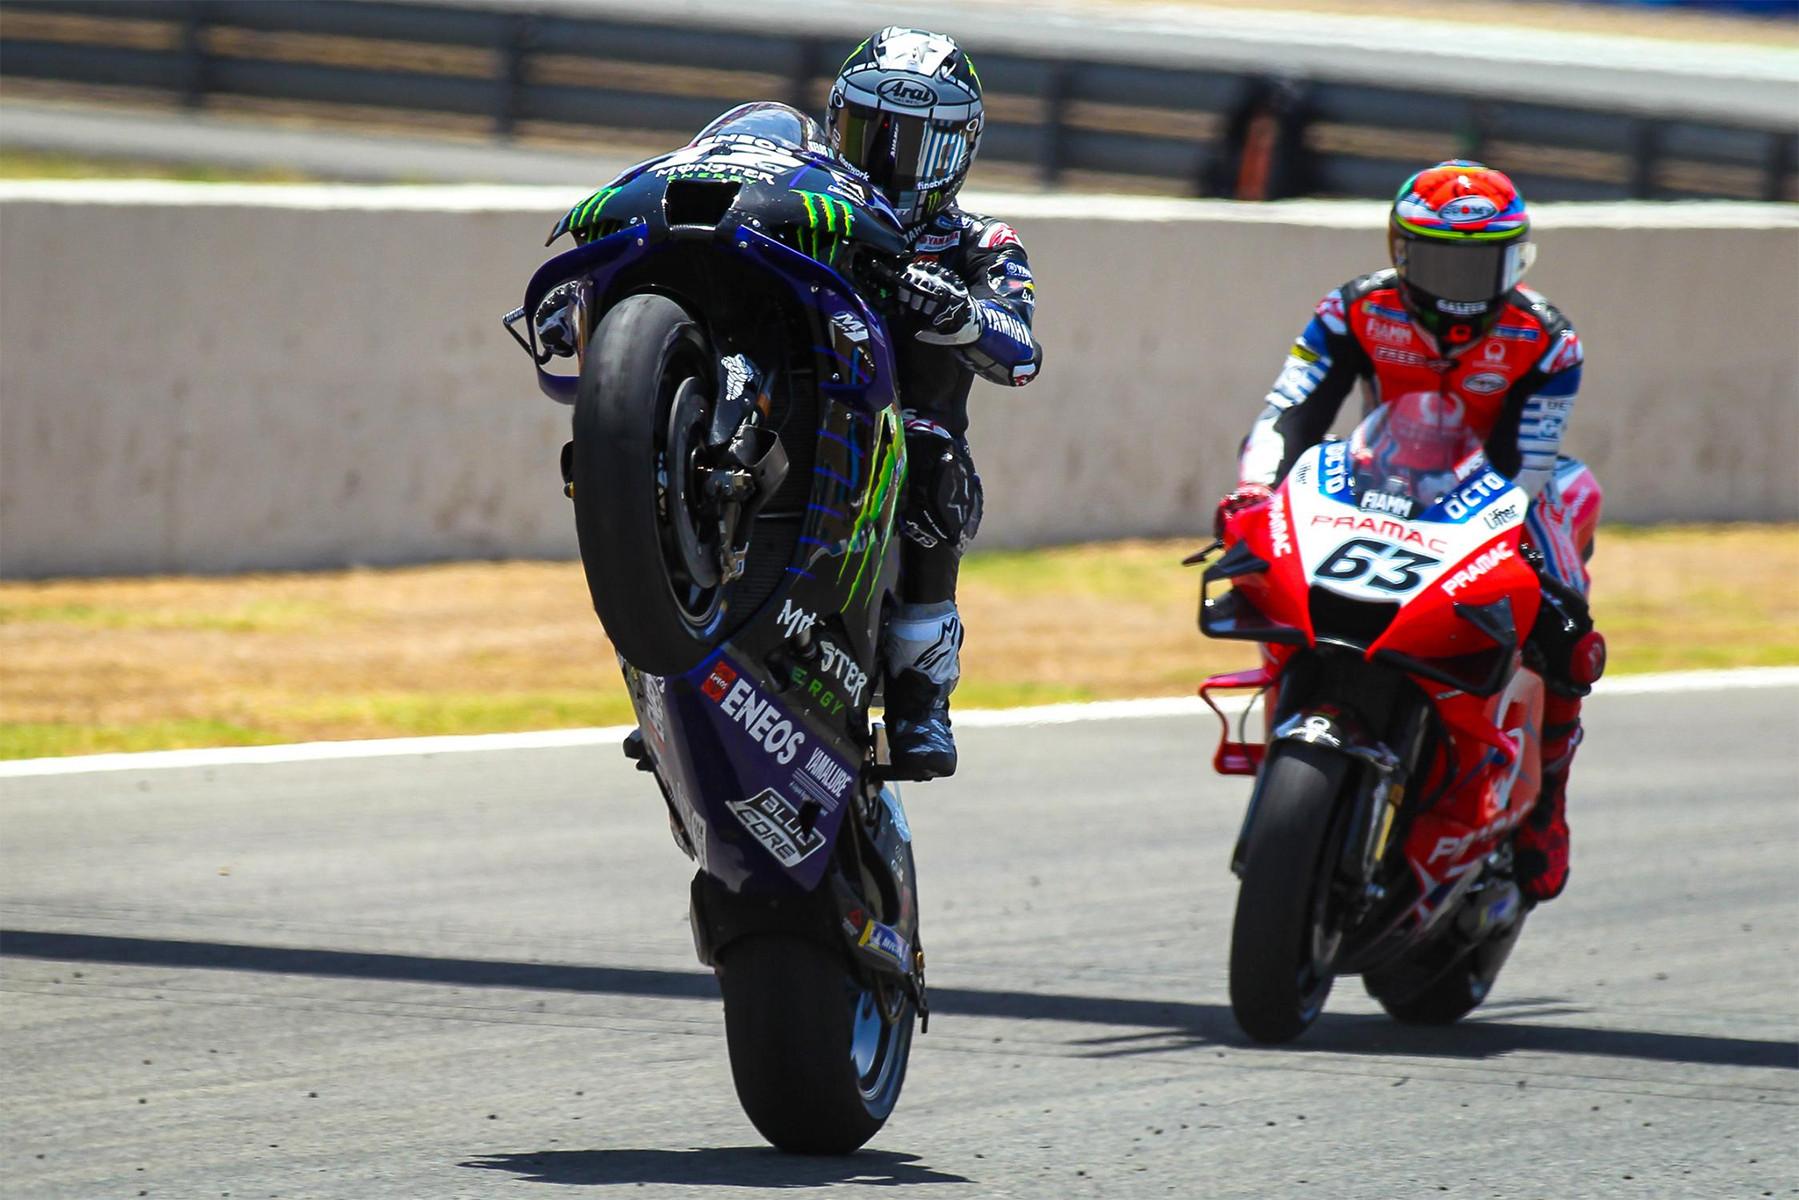 Inilah 10 Pembalap yang Langsung Tembus Kualifikasi Utama MotoGP Andalusia, Marquez? - JPNN.com